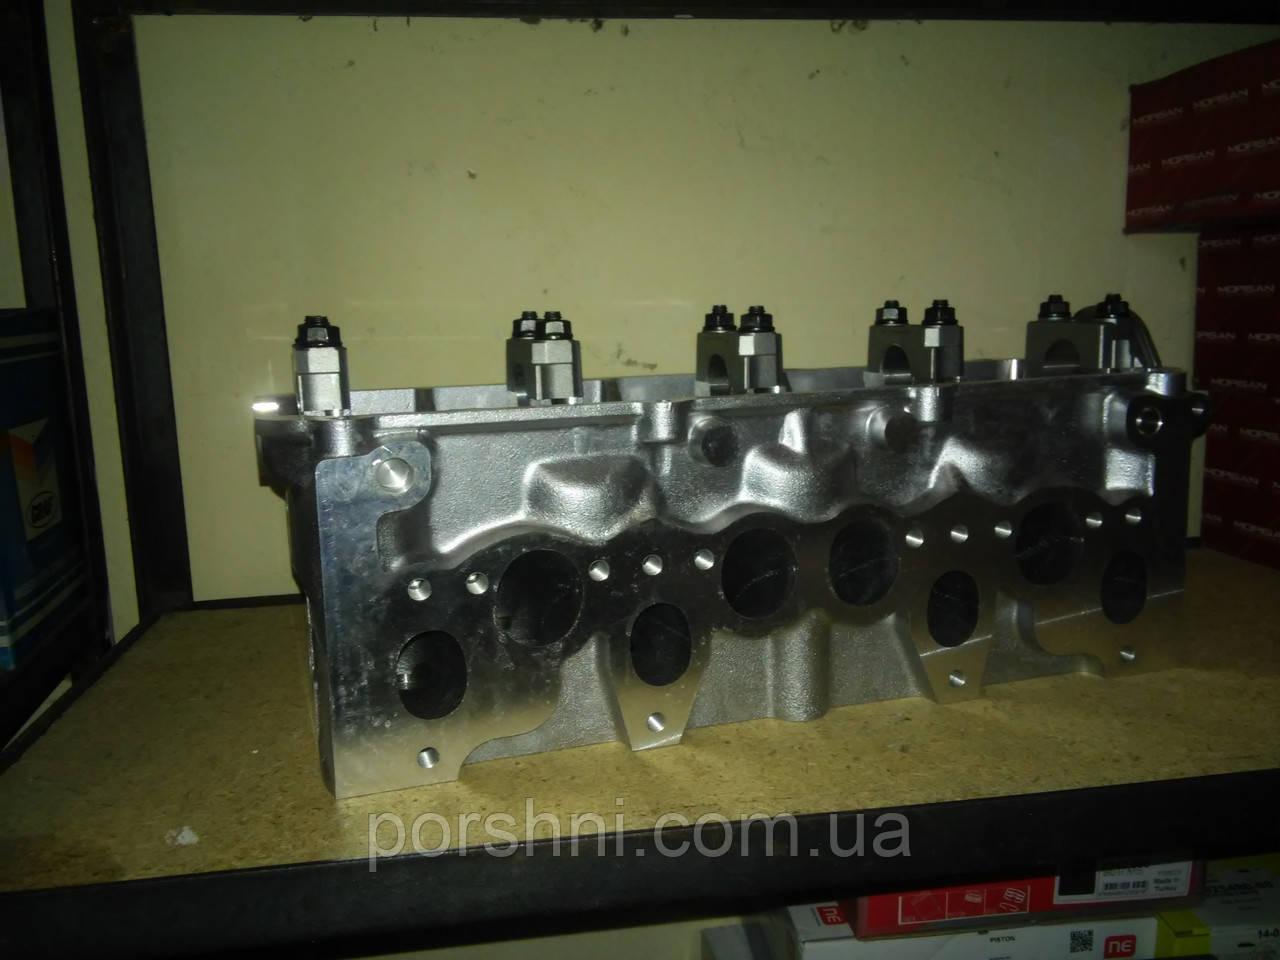 Головка блоку циліндрів VW 1.6 д-1,6 т. д під гідро компенсаторры AMC 908018